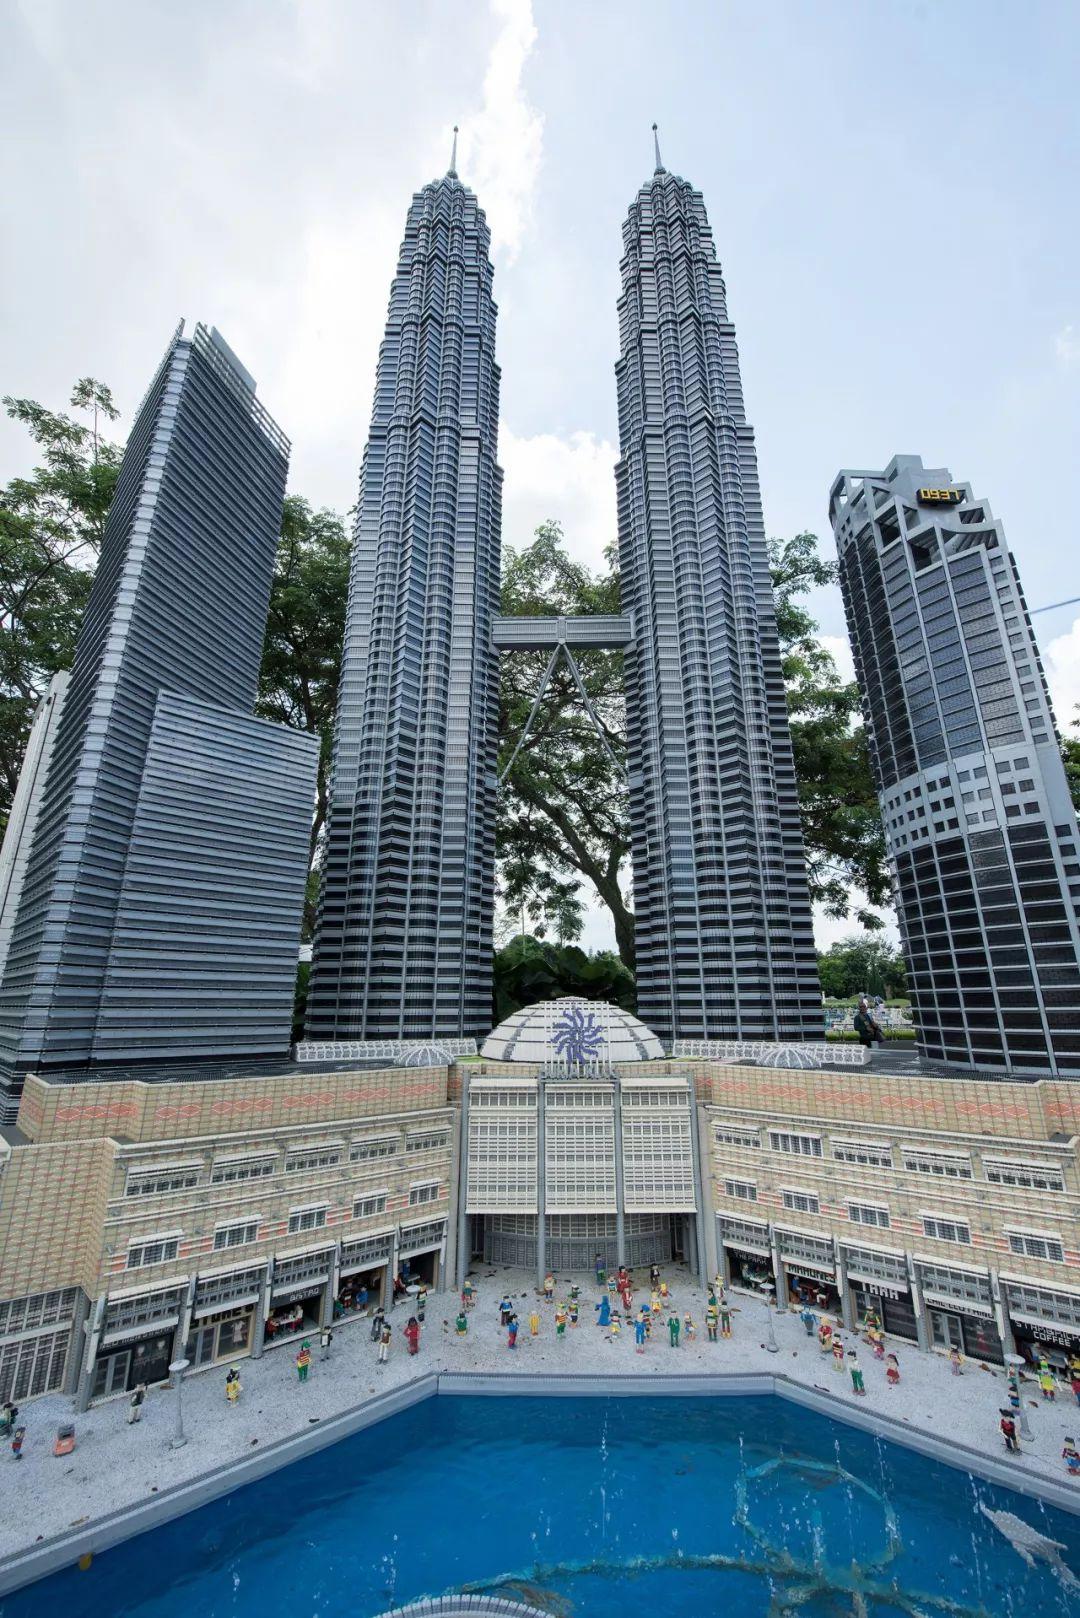 不要只会在鱼尾狮公园拍照 在新加坡如何玩出超时空感?